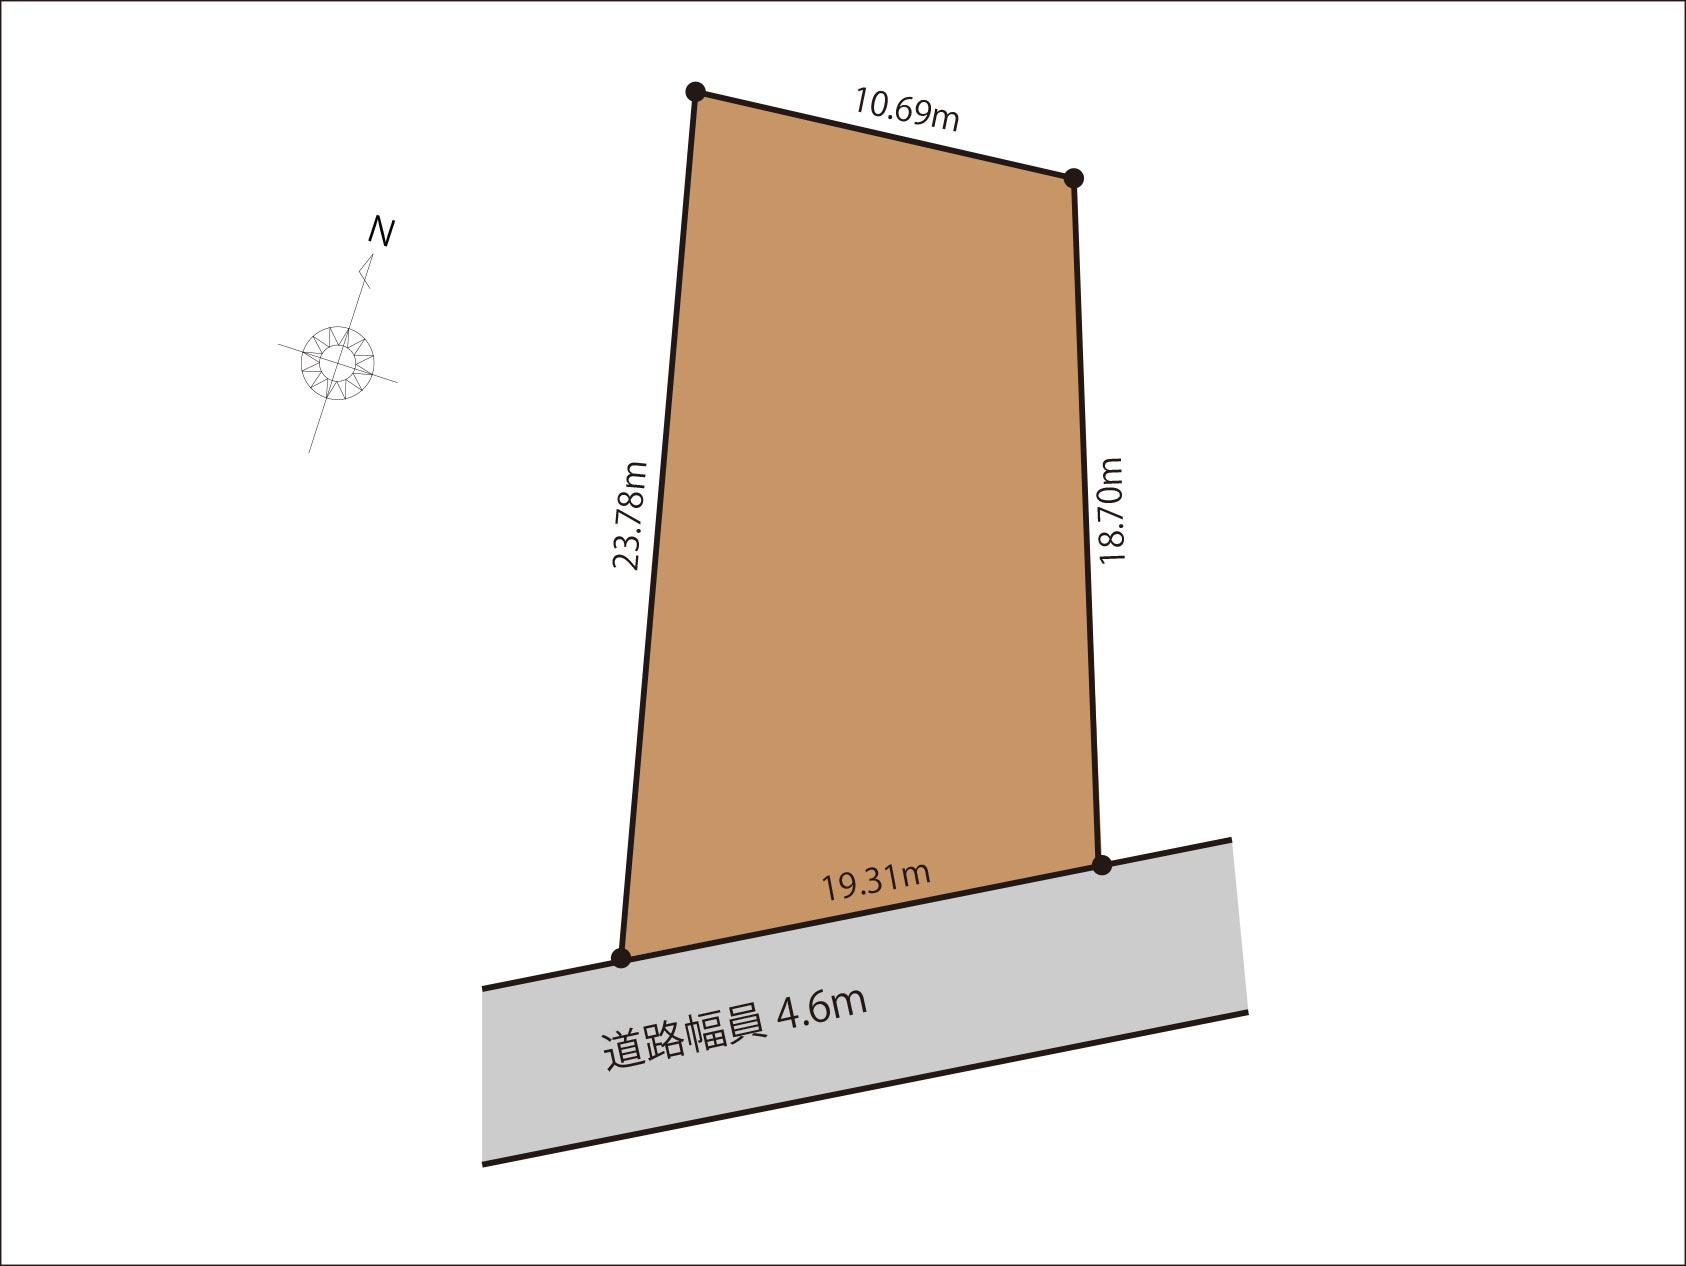  富山市本郷町 宅地 建築条件無し 買い物施設充実の間取り